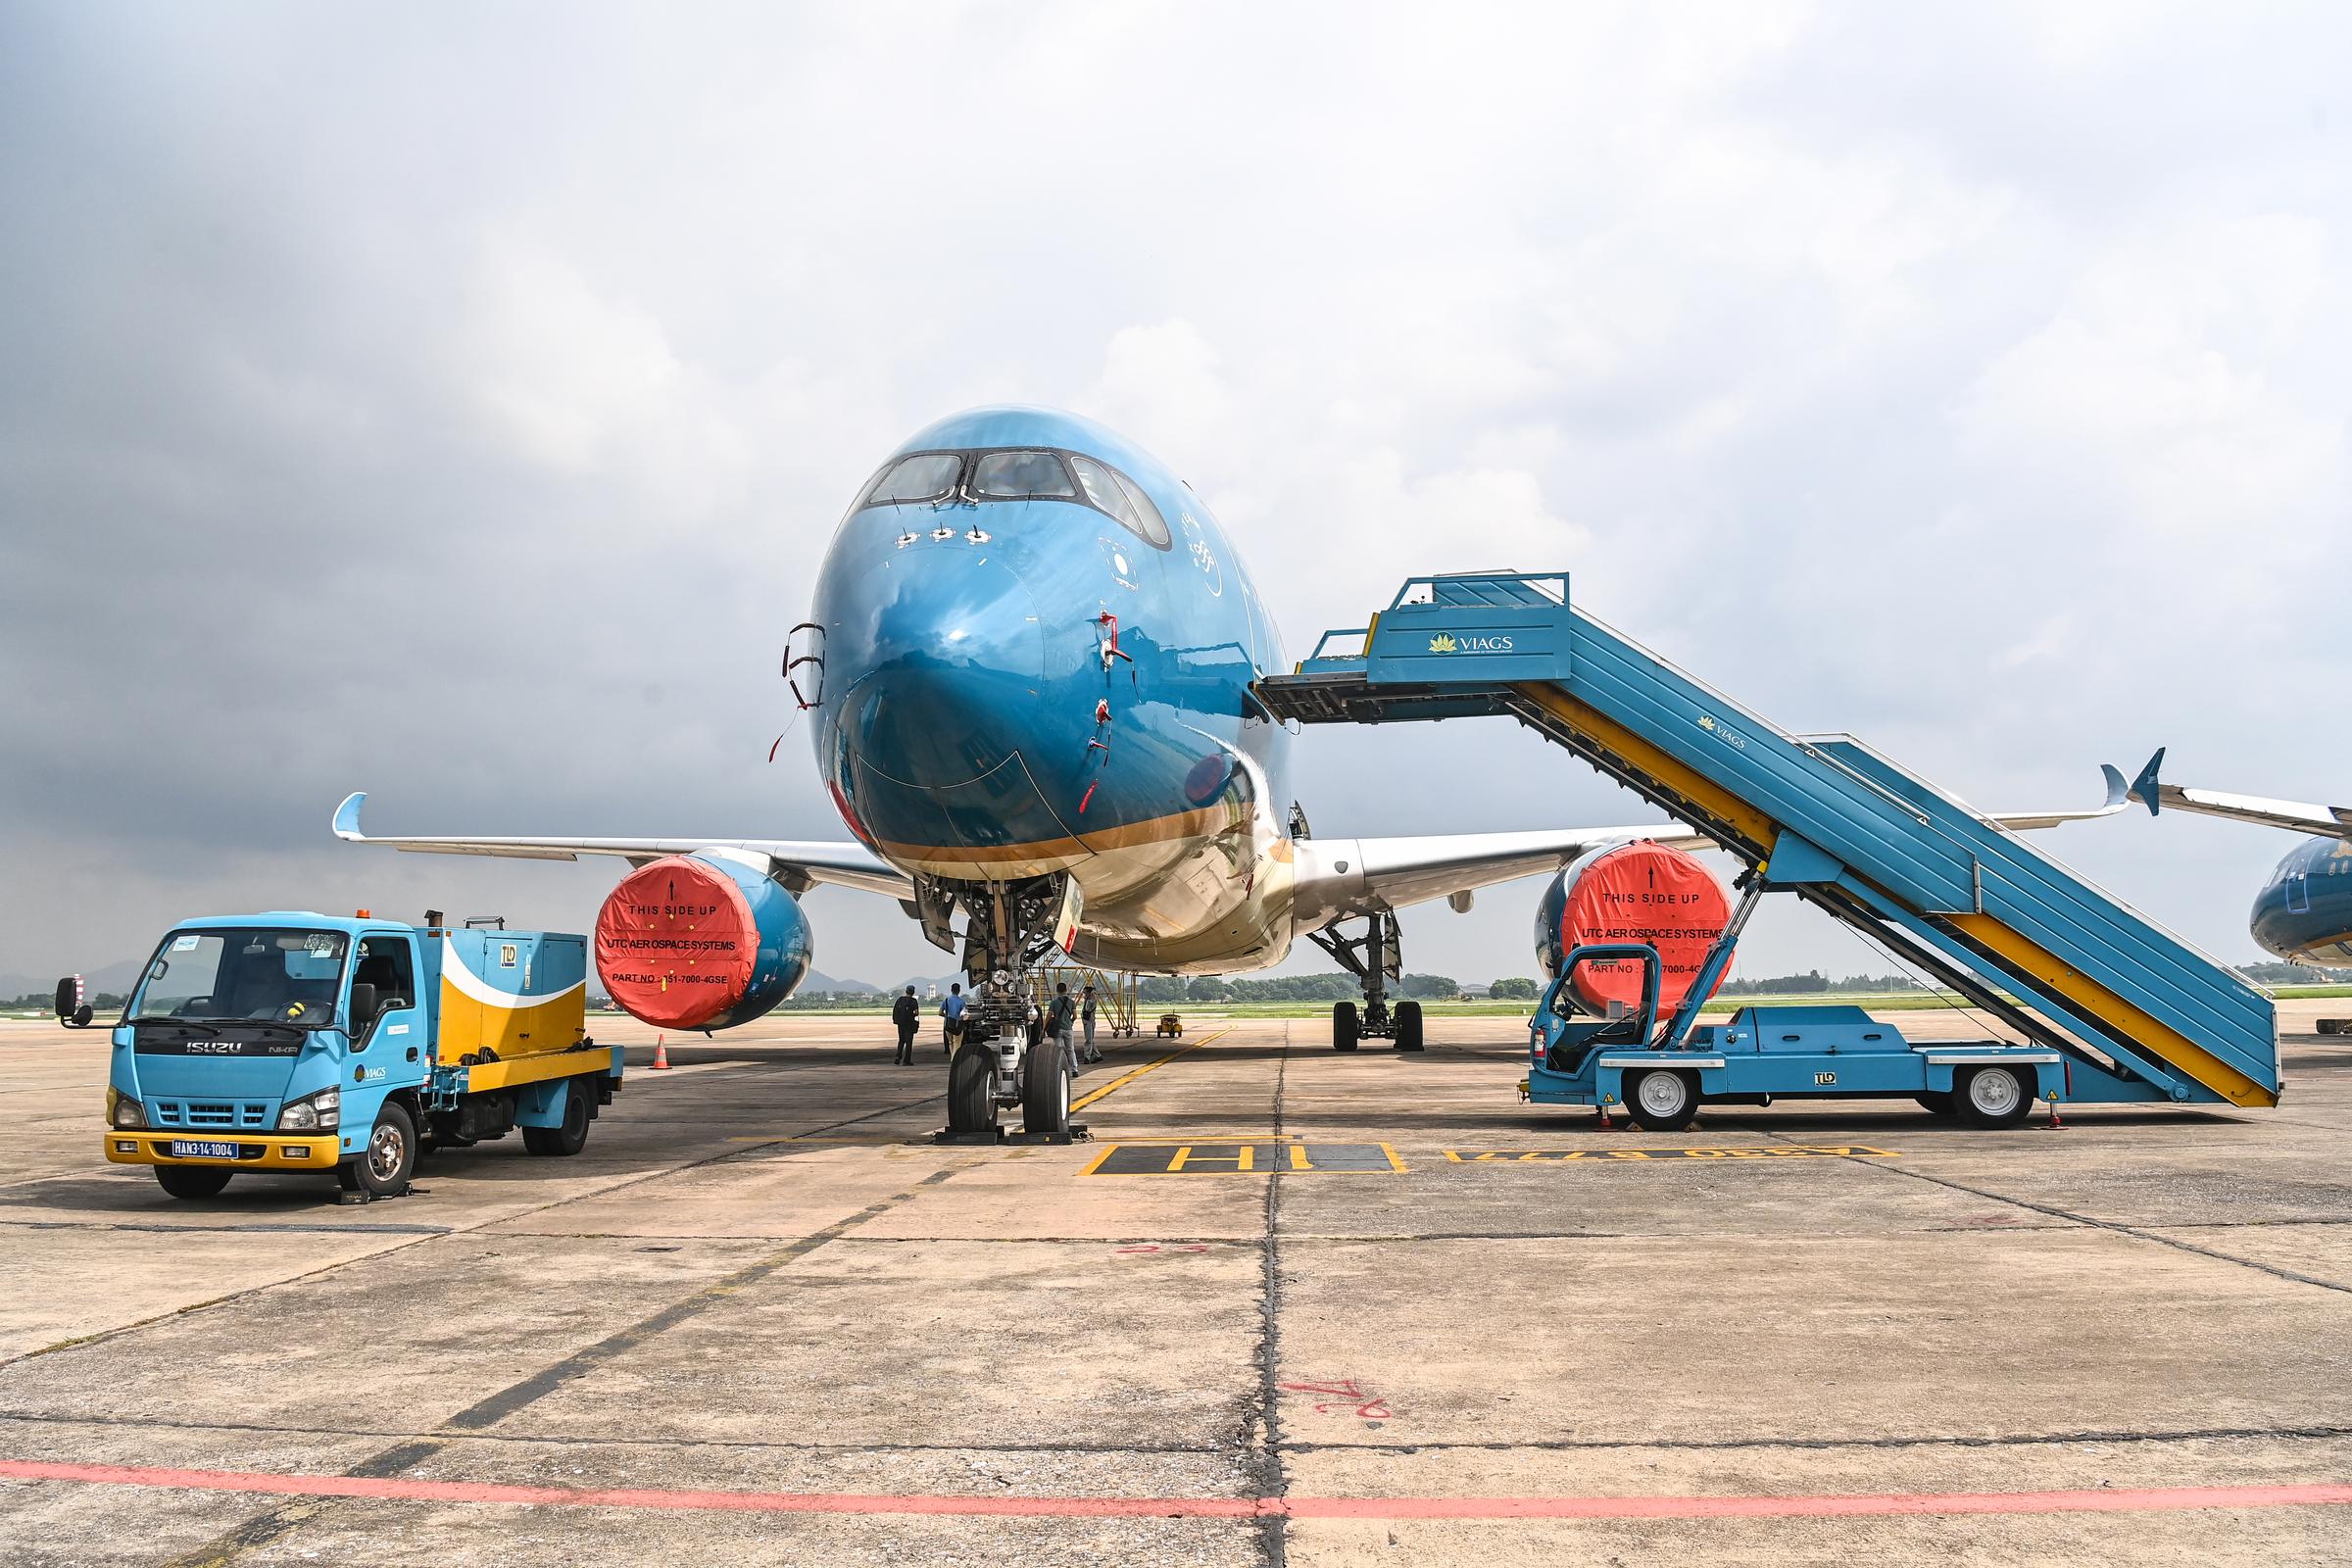 Máy bay đỗ tại sân bay Nội Bài, ngày 5/10. Ảnh: Giang Huy